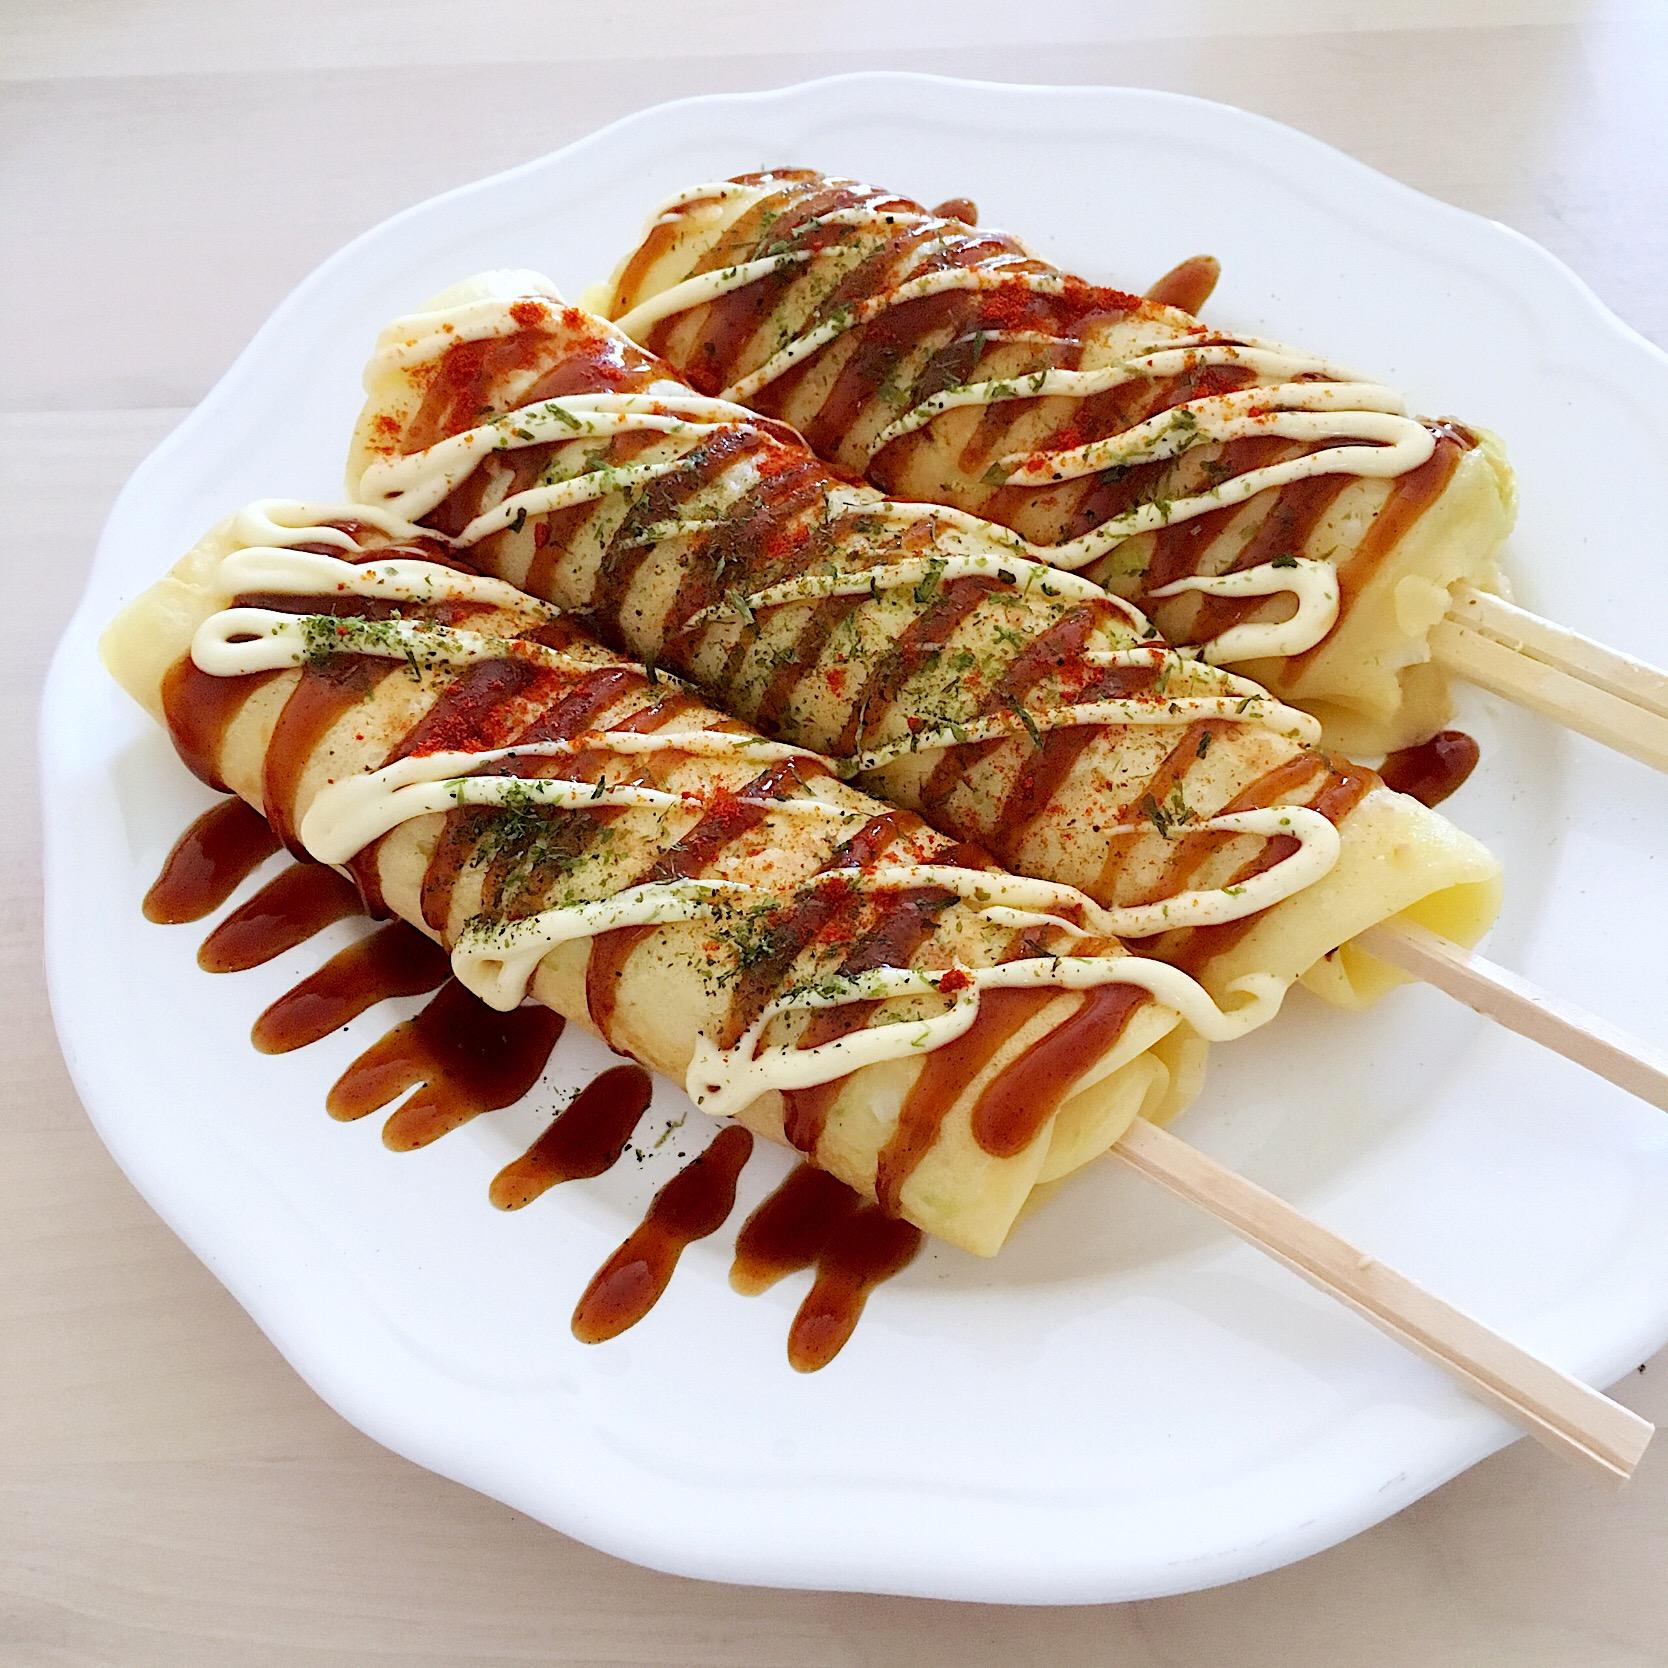 「はしまき」って知ってる?西日本の屋台料理と言ったらこれ!の画像